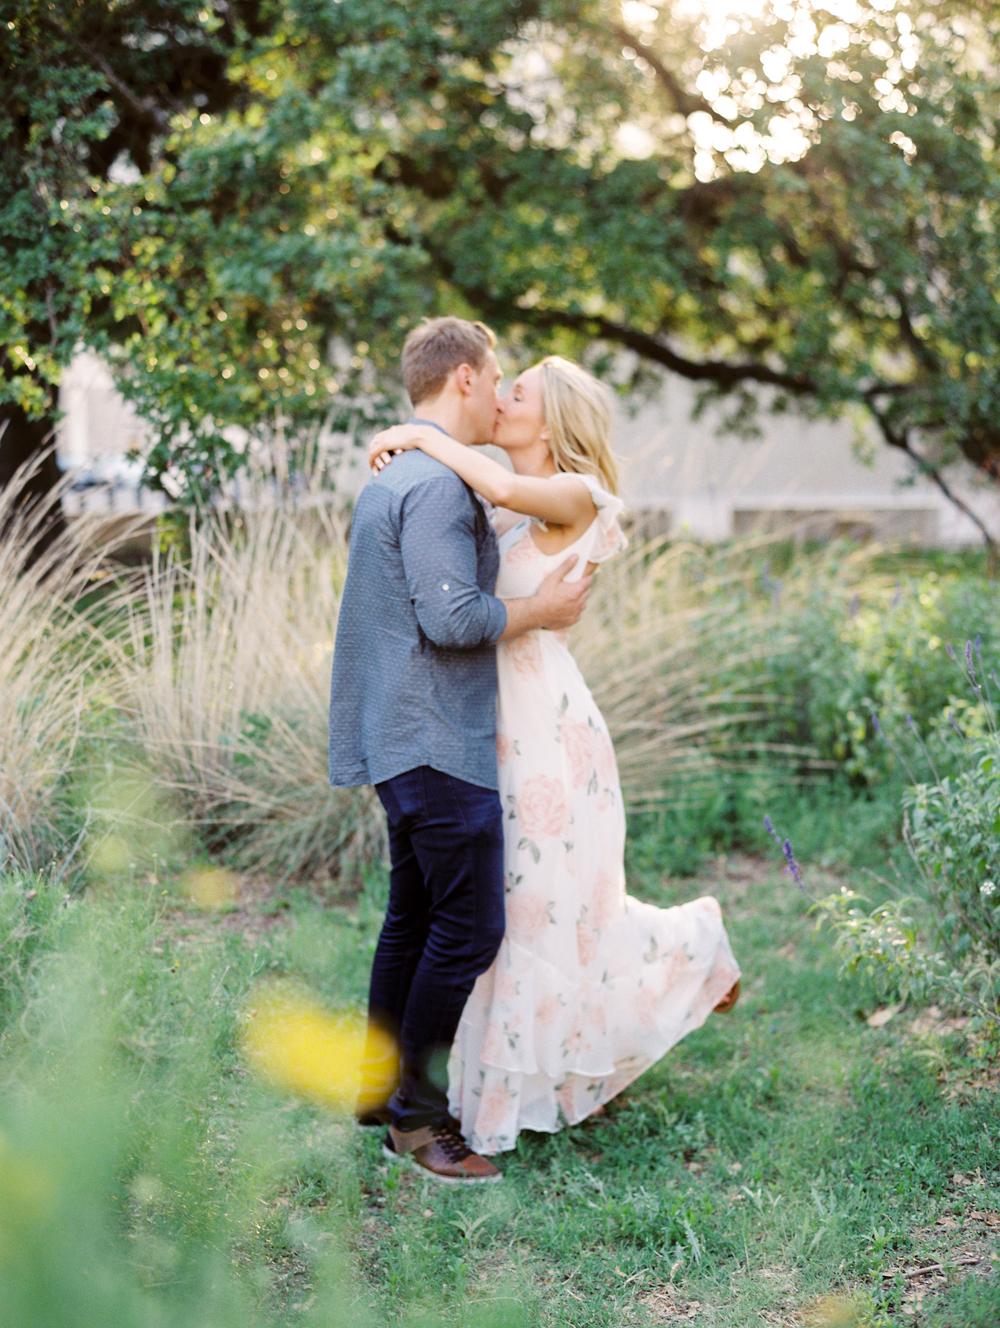 Best-Austin-Denver-California-Wedding-Photographers-fine-art-film-Engagement-Session-73.jpg